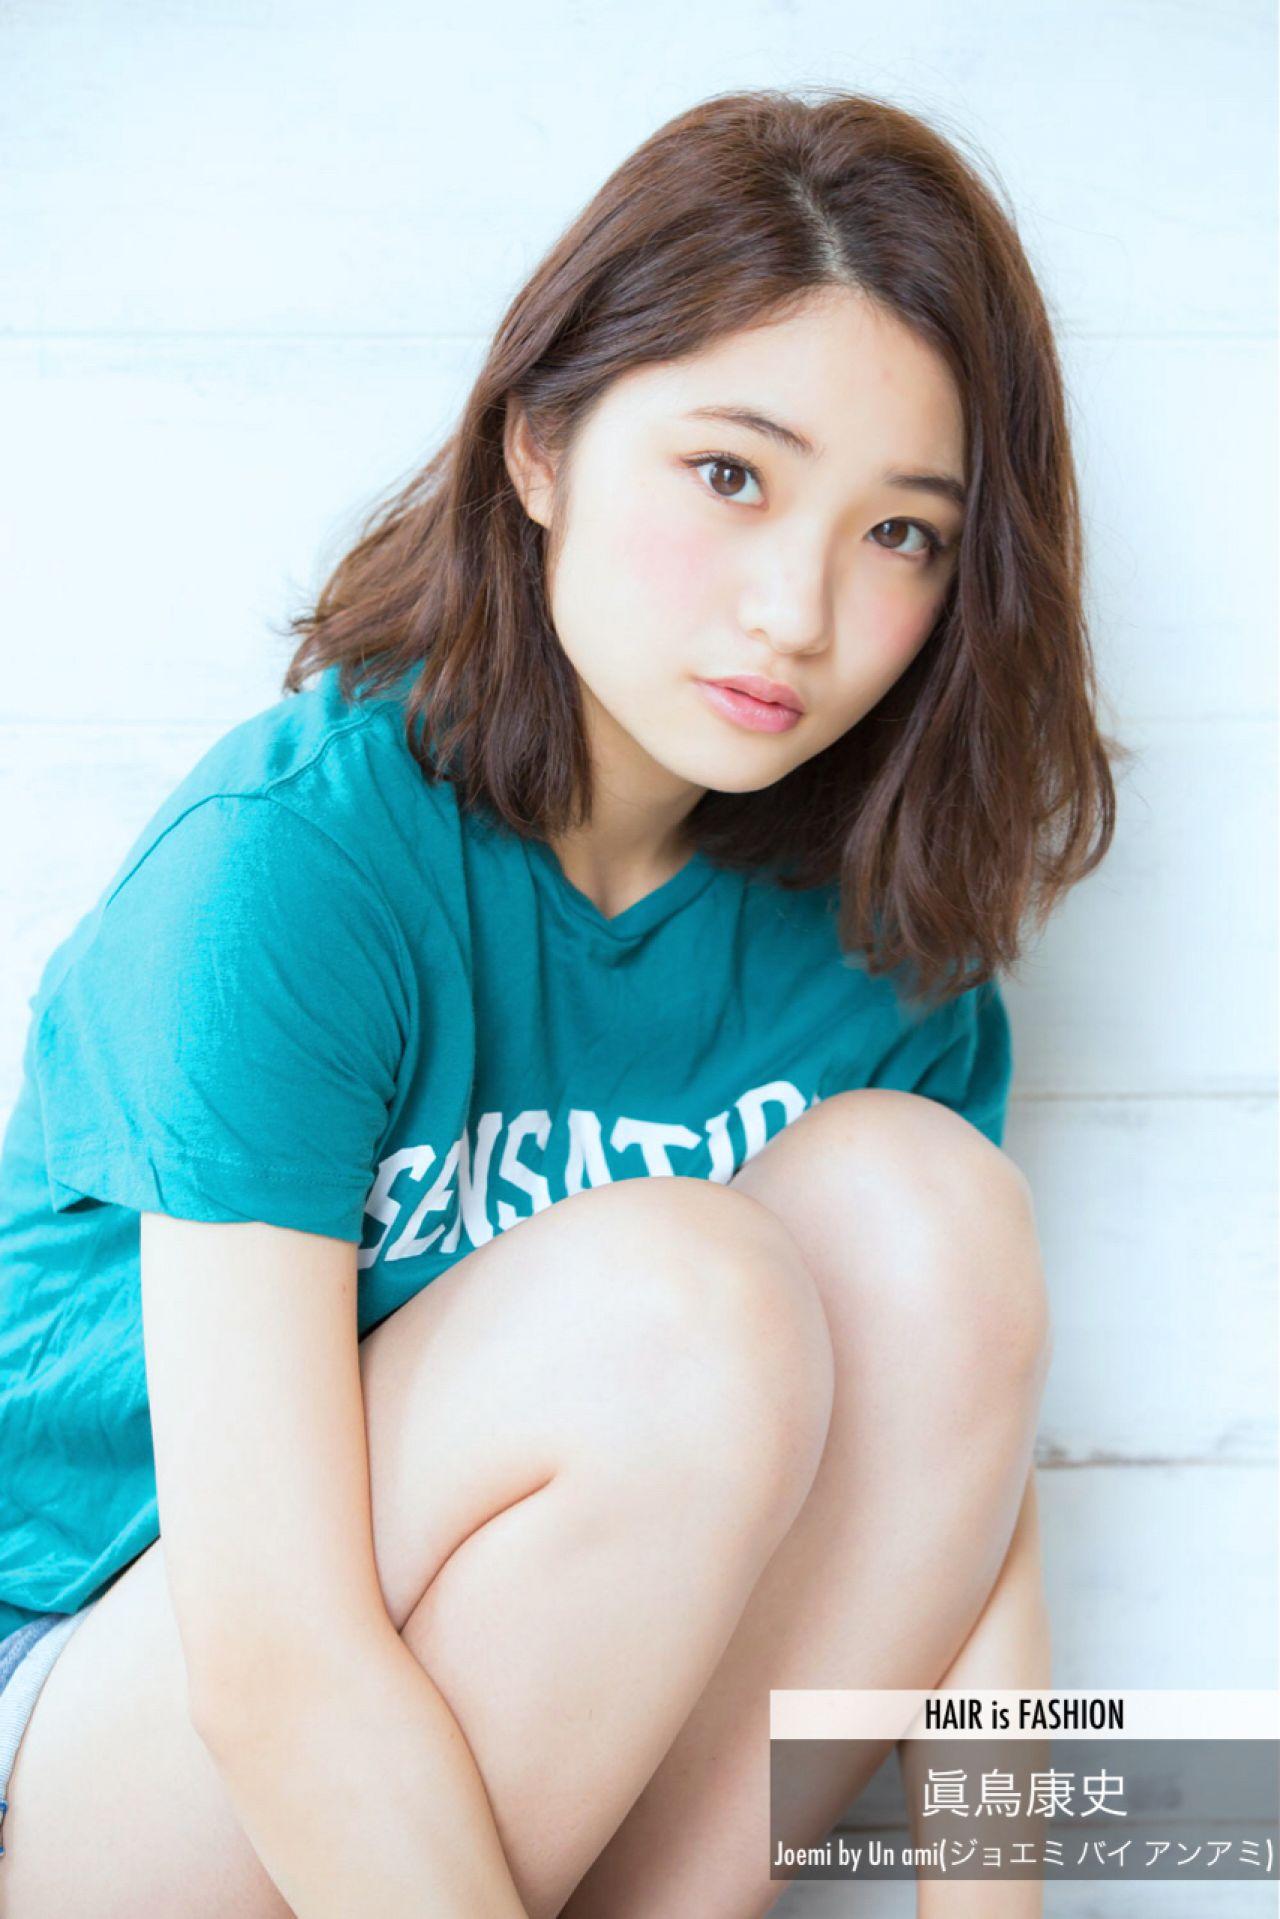 この秋、モテの基本は「ロブ」。海外セレブの間で話題になった髪型が日本でも流行中! 眞鳥康史 / joemi by Un ami